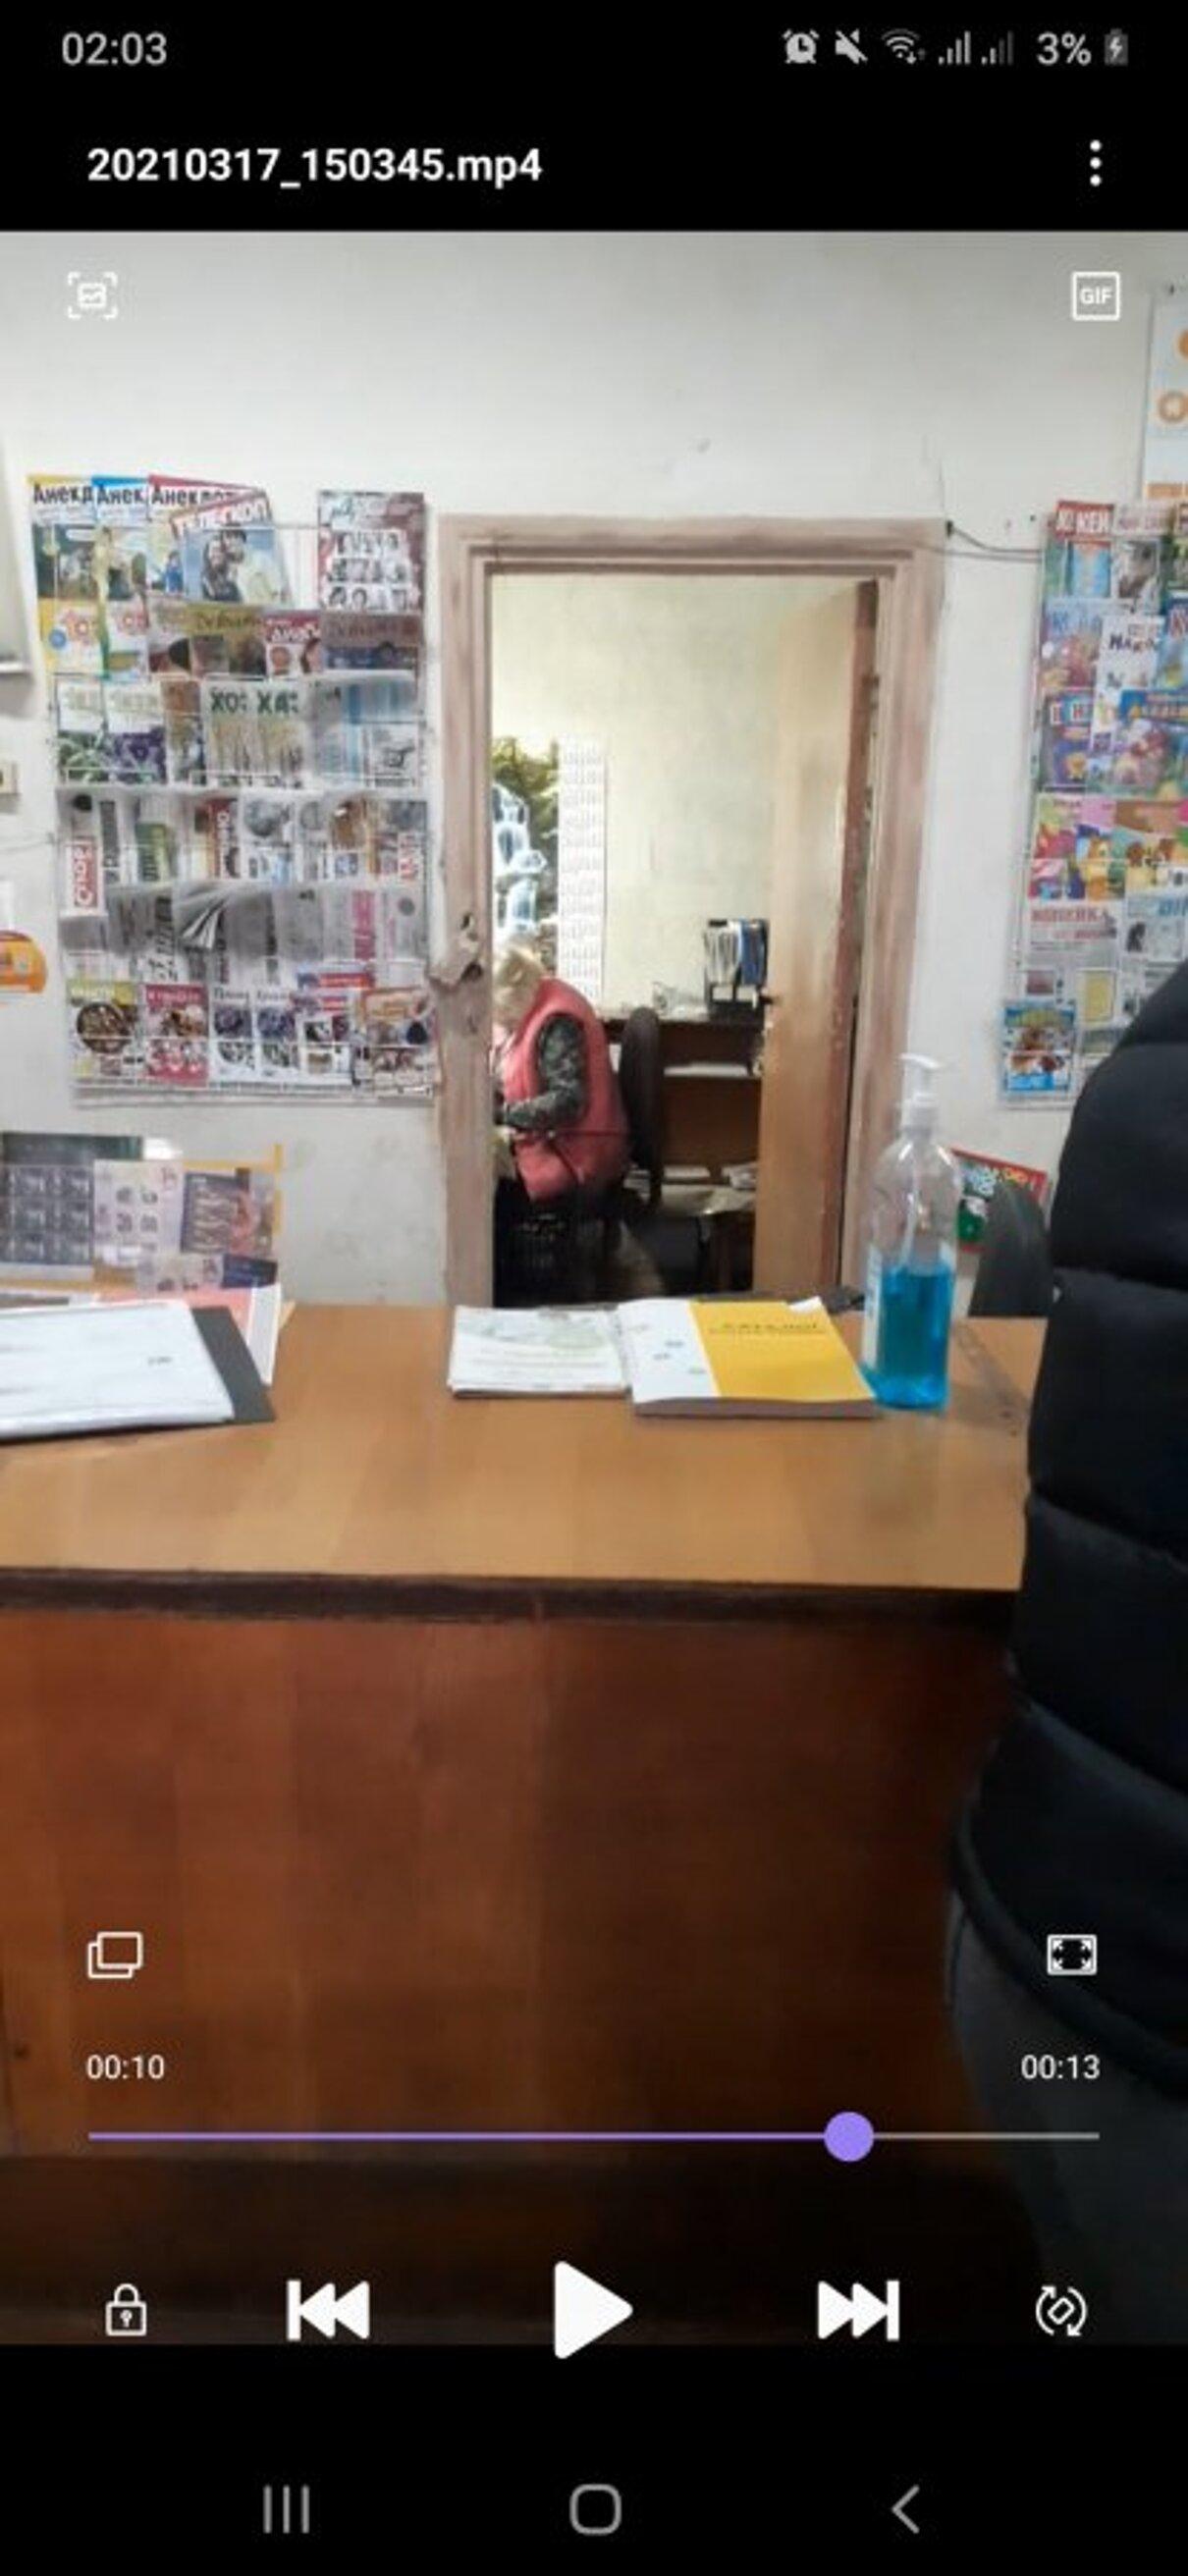 Жалоба-отзыв: Укрпочта, м-н 1, г. Лозовая - Один сотрудник лишь.  Фото №5